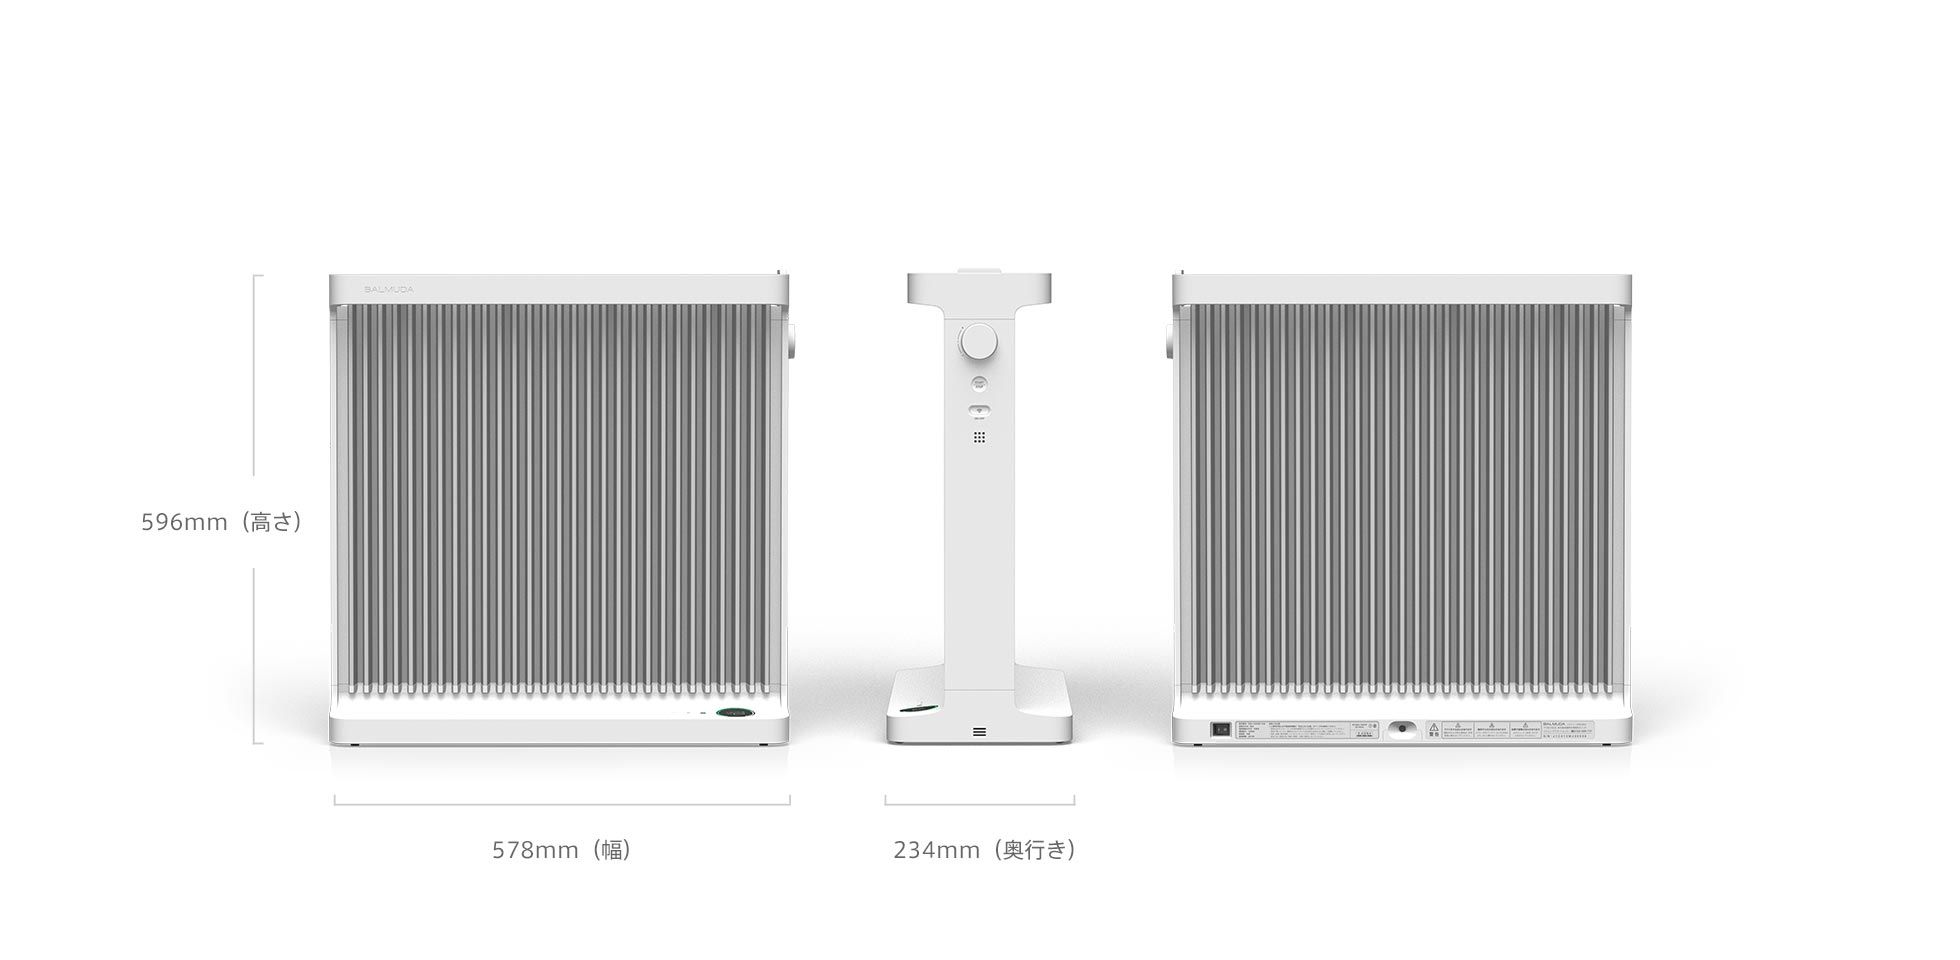 バルミューダ | SmartHeater(スマートヒーター)| 世界で最も先進的で、最もクリーンなヒーター